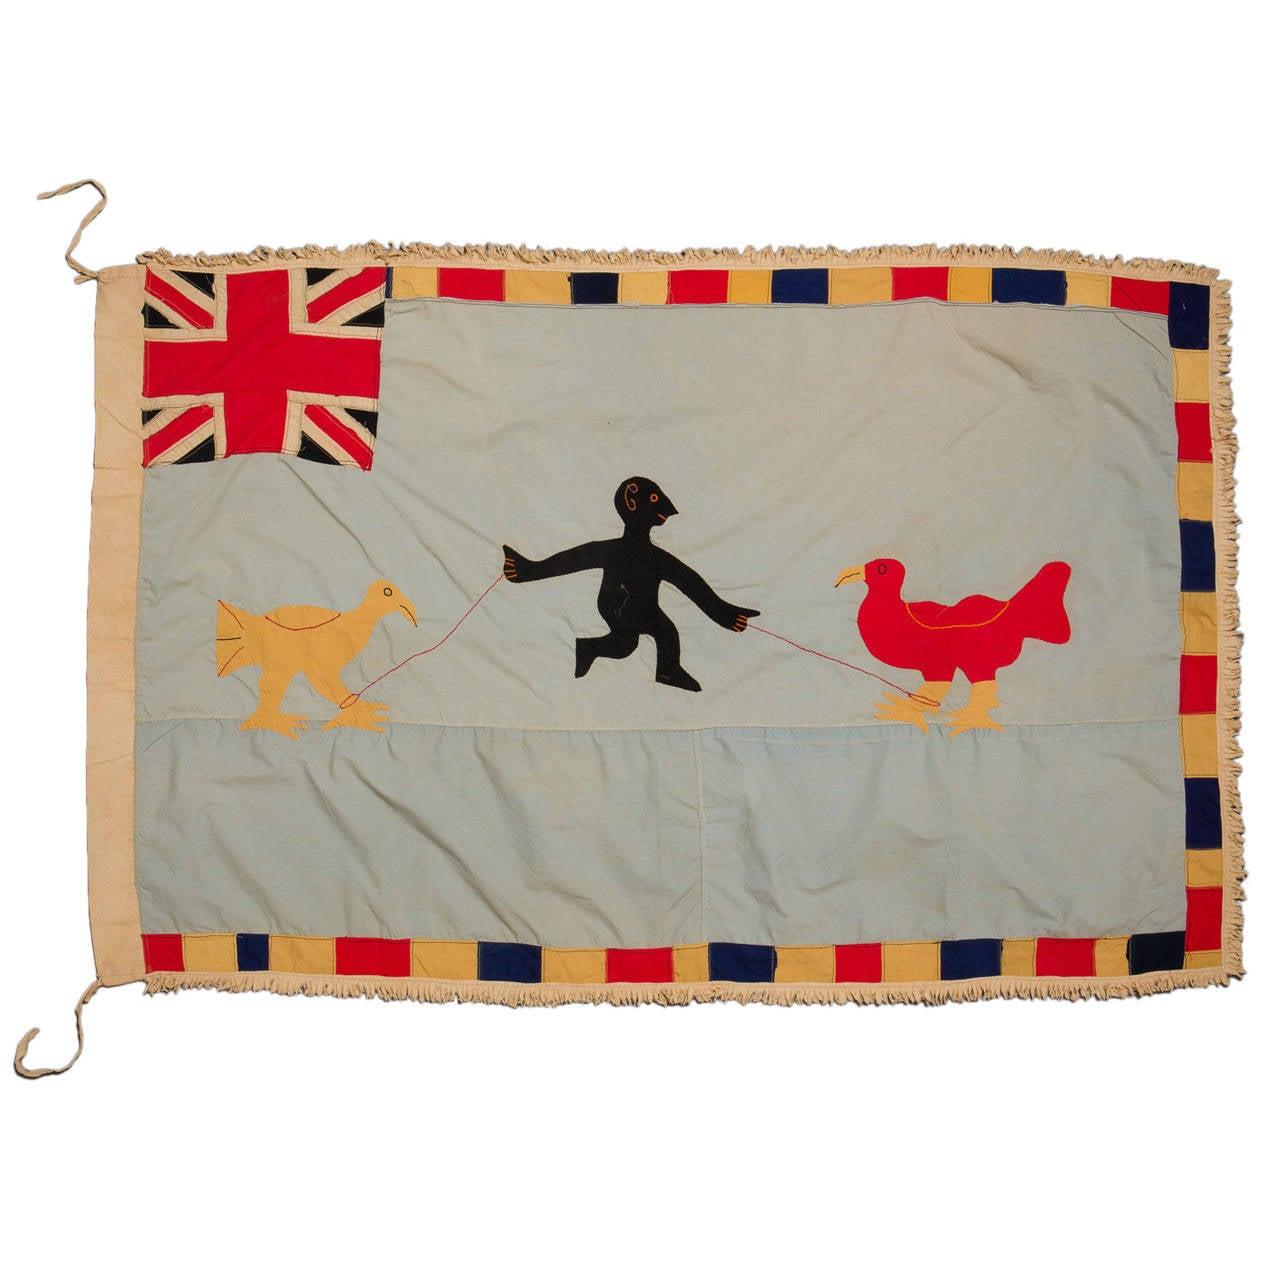 Mid-20th Century Fante Asafo Flag, Ghana